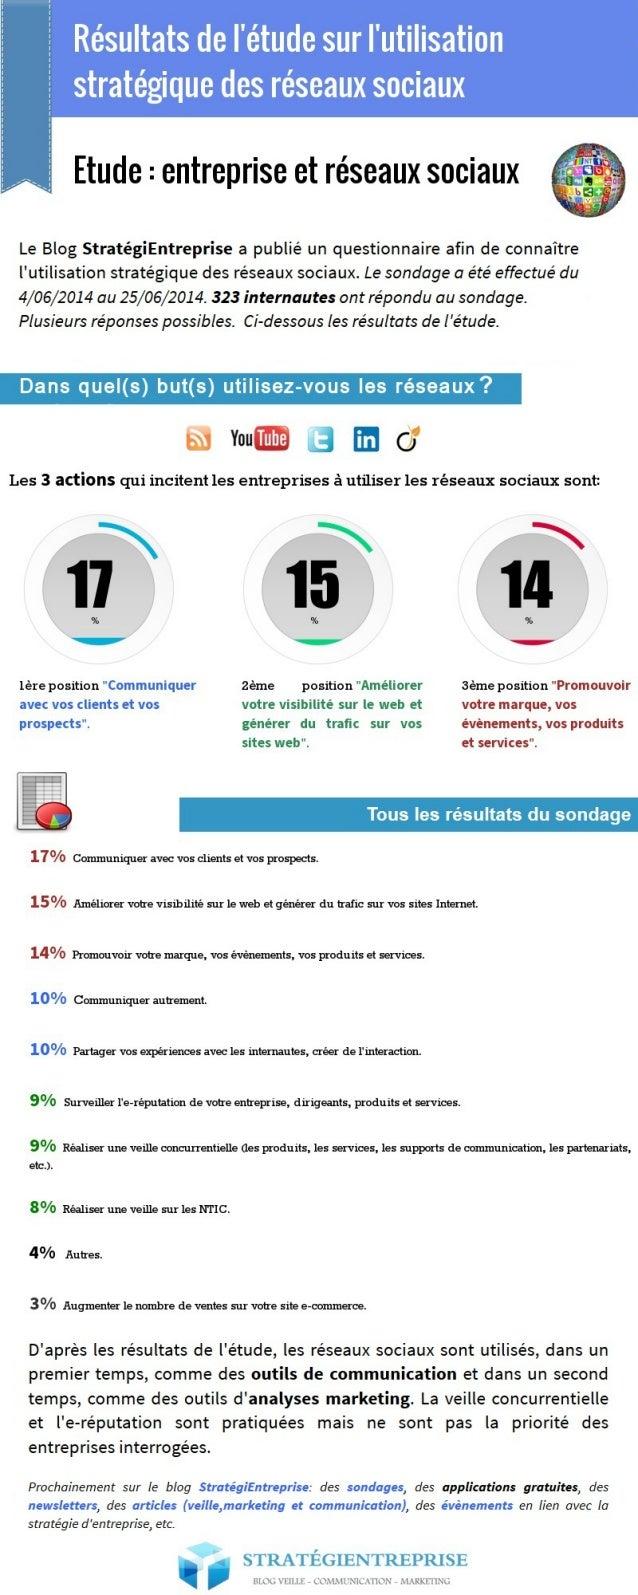 Infographie sur l'utilisation stratégique des réseaux sociaux   Blog StratégiEntreprise